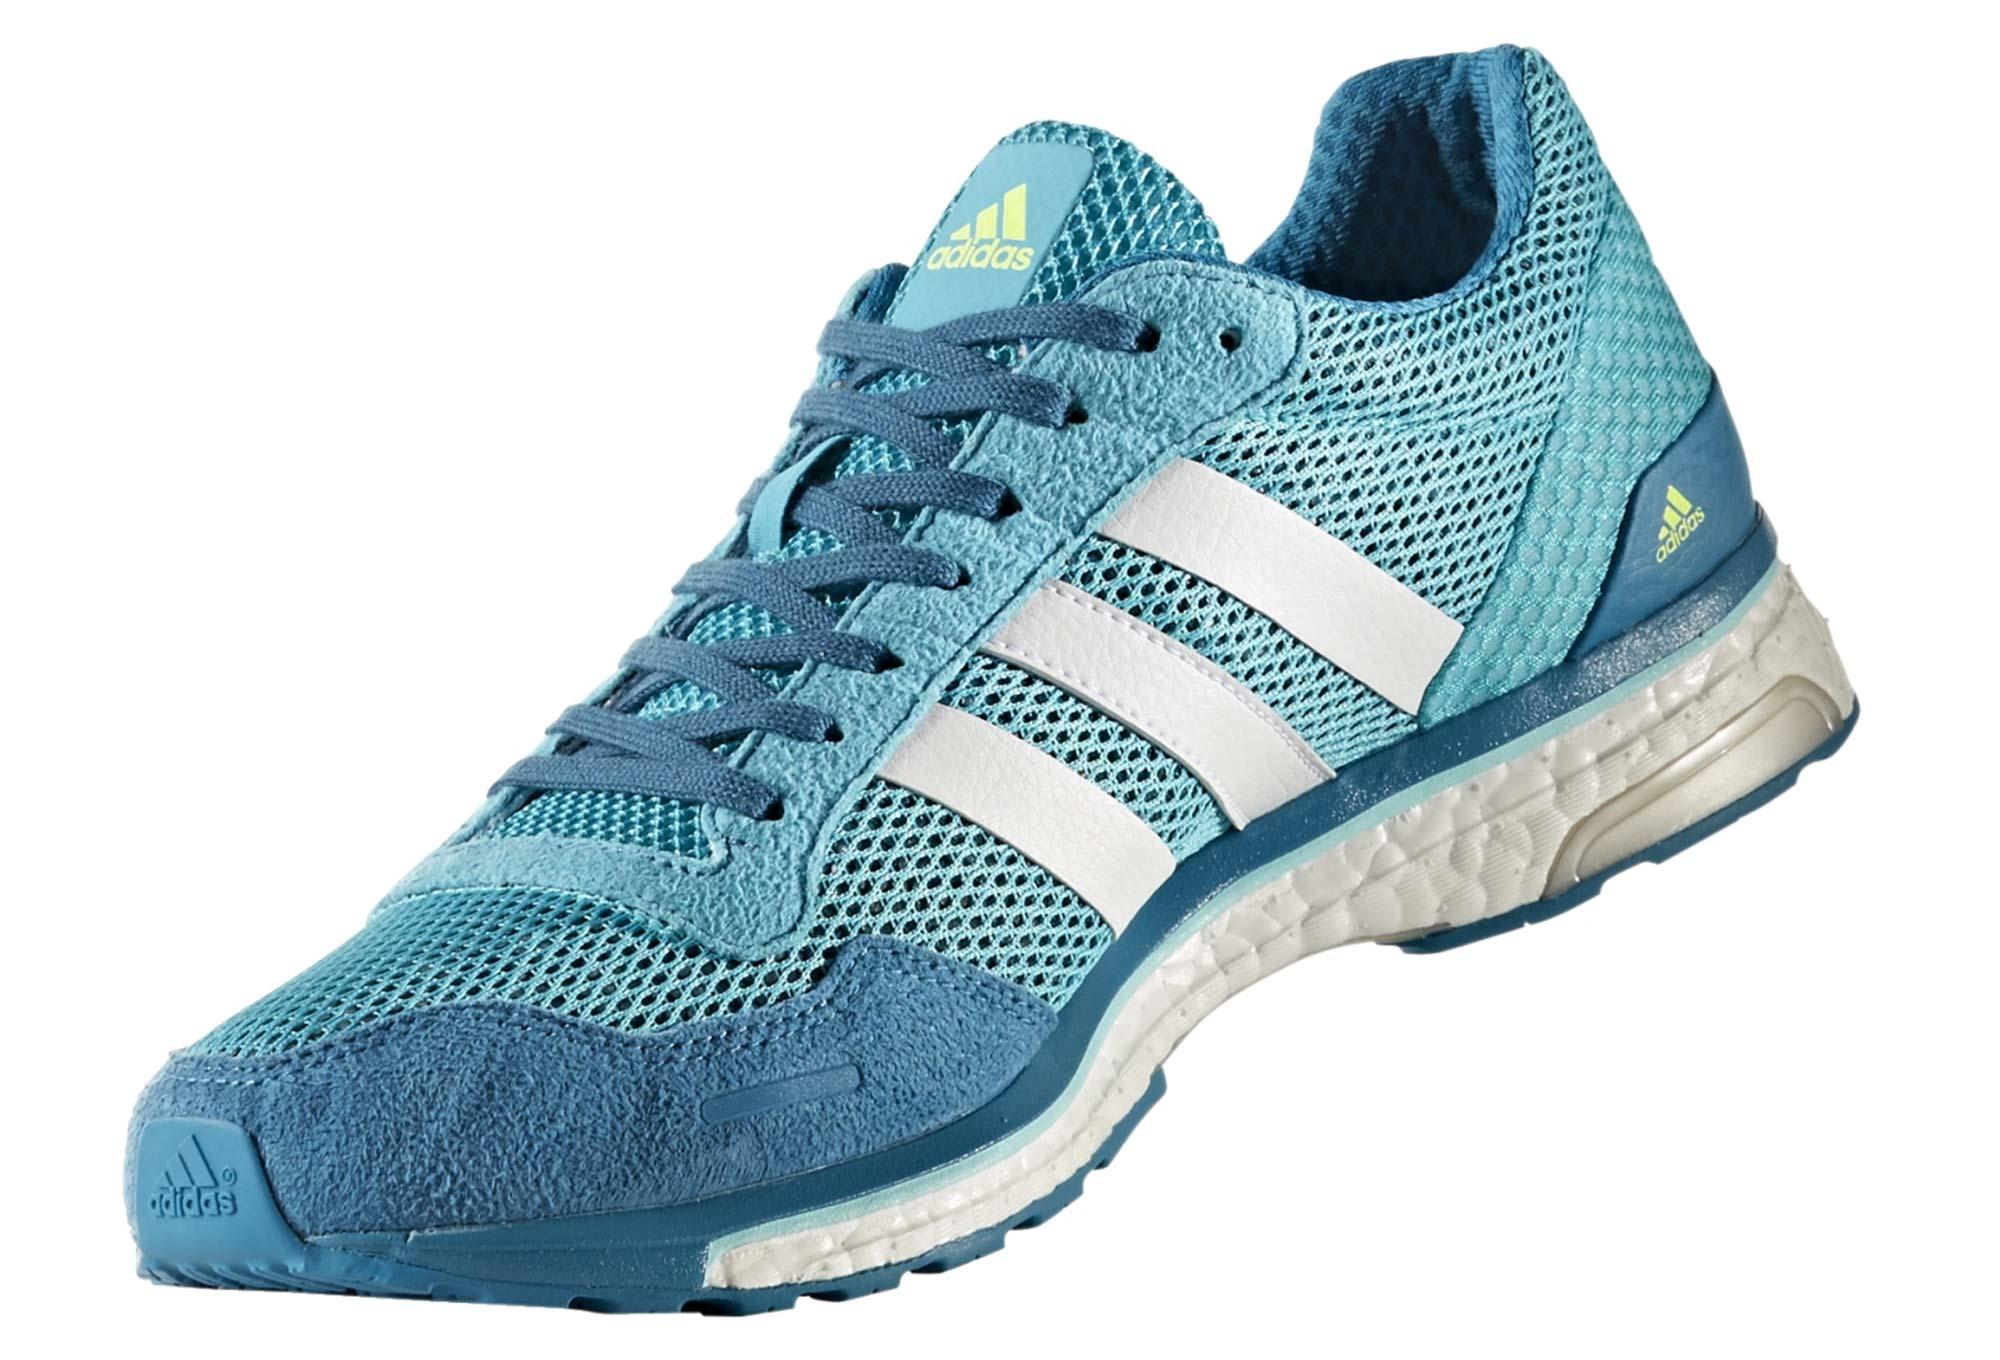 072320a947cf10 adidas running Adizero Adios 3 Teal Blue Men